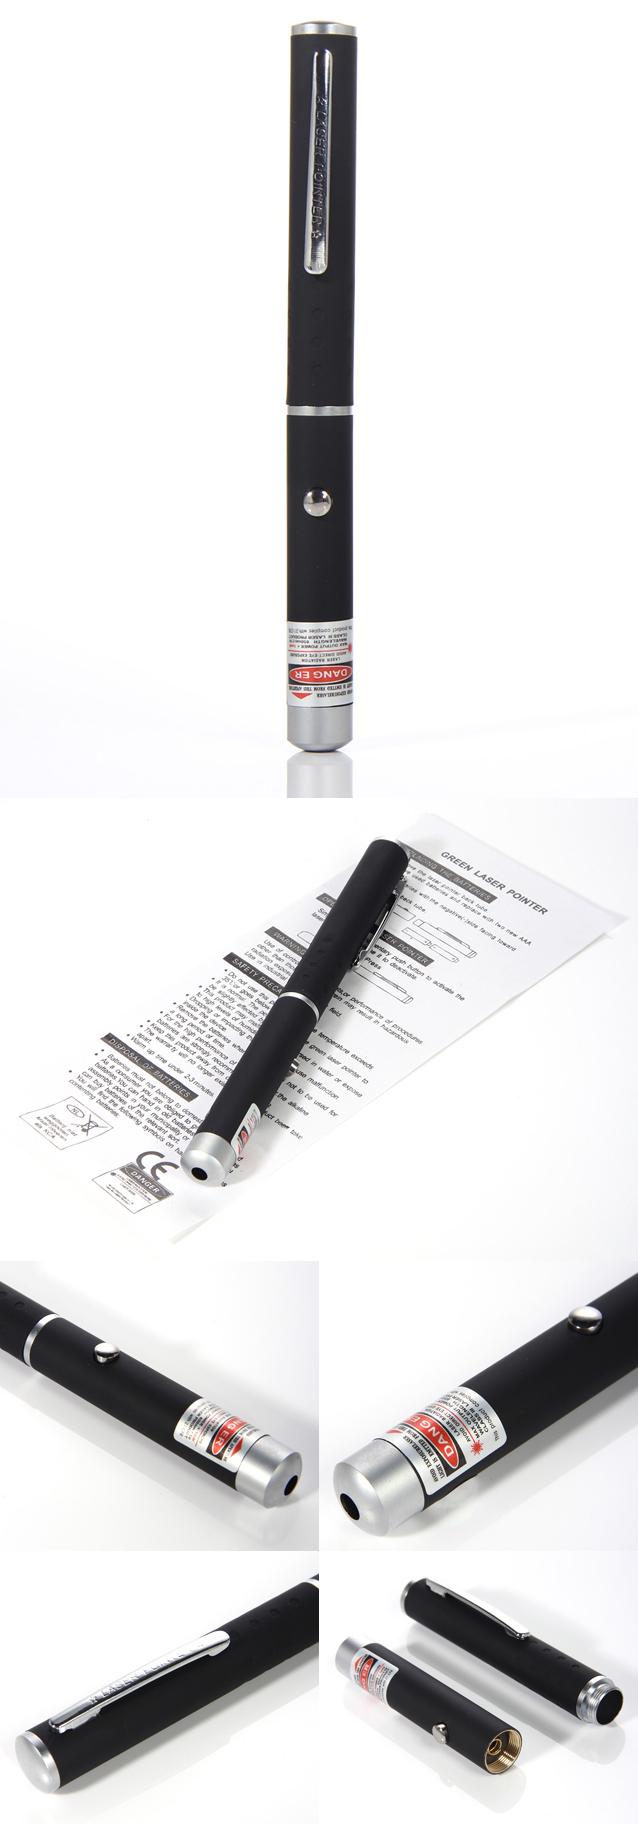 Laserpointer Stift Rot 50mW kaufen